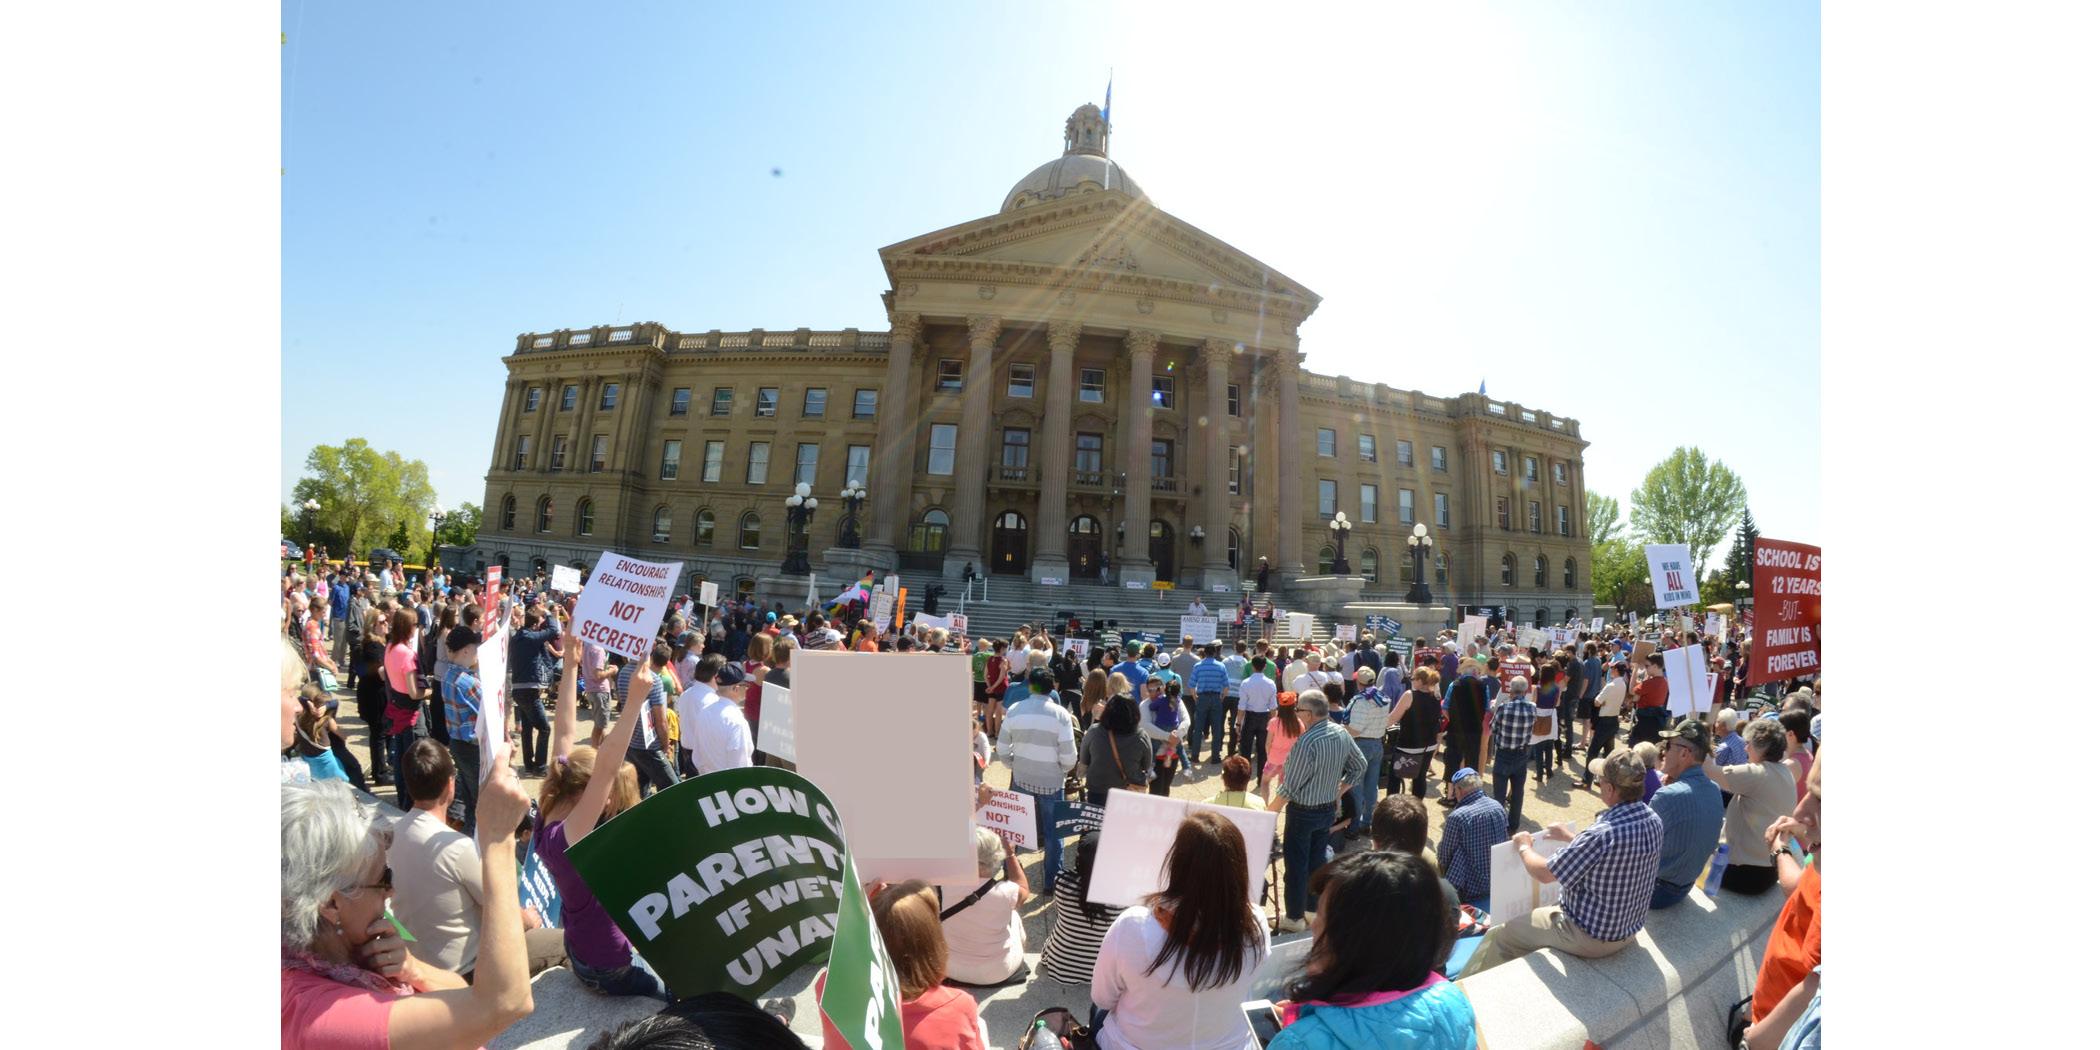 Edmonton_rally_in_front_of_Legislature03.jpg